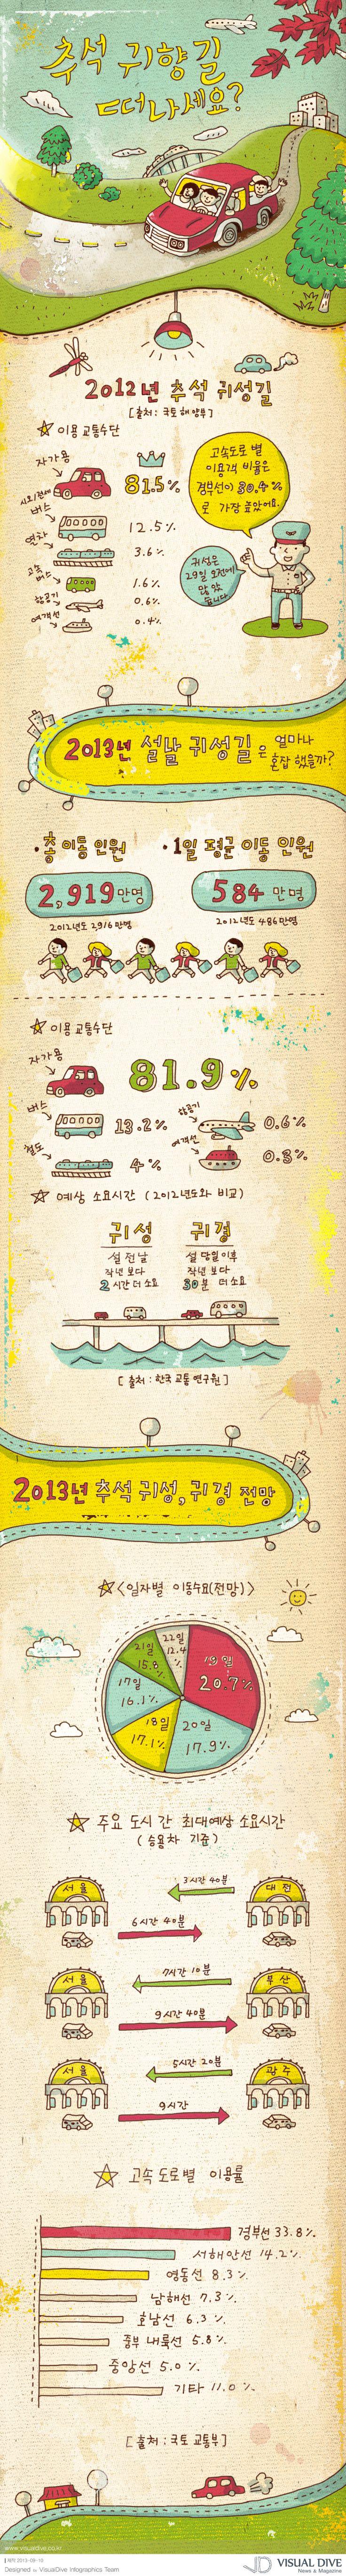 """[인포그래픽] 올 추석 6일간의 연휴, 서울-부산 예상시간은? #TrafficJam / #Infographic"""" ⓒ 비주얼다이브 무단 복사·전재·재배포 금지"""